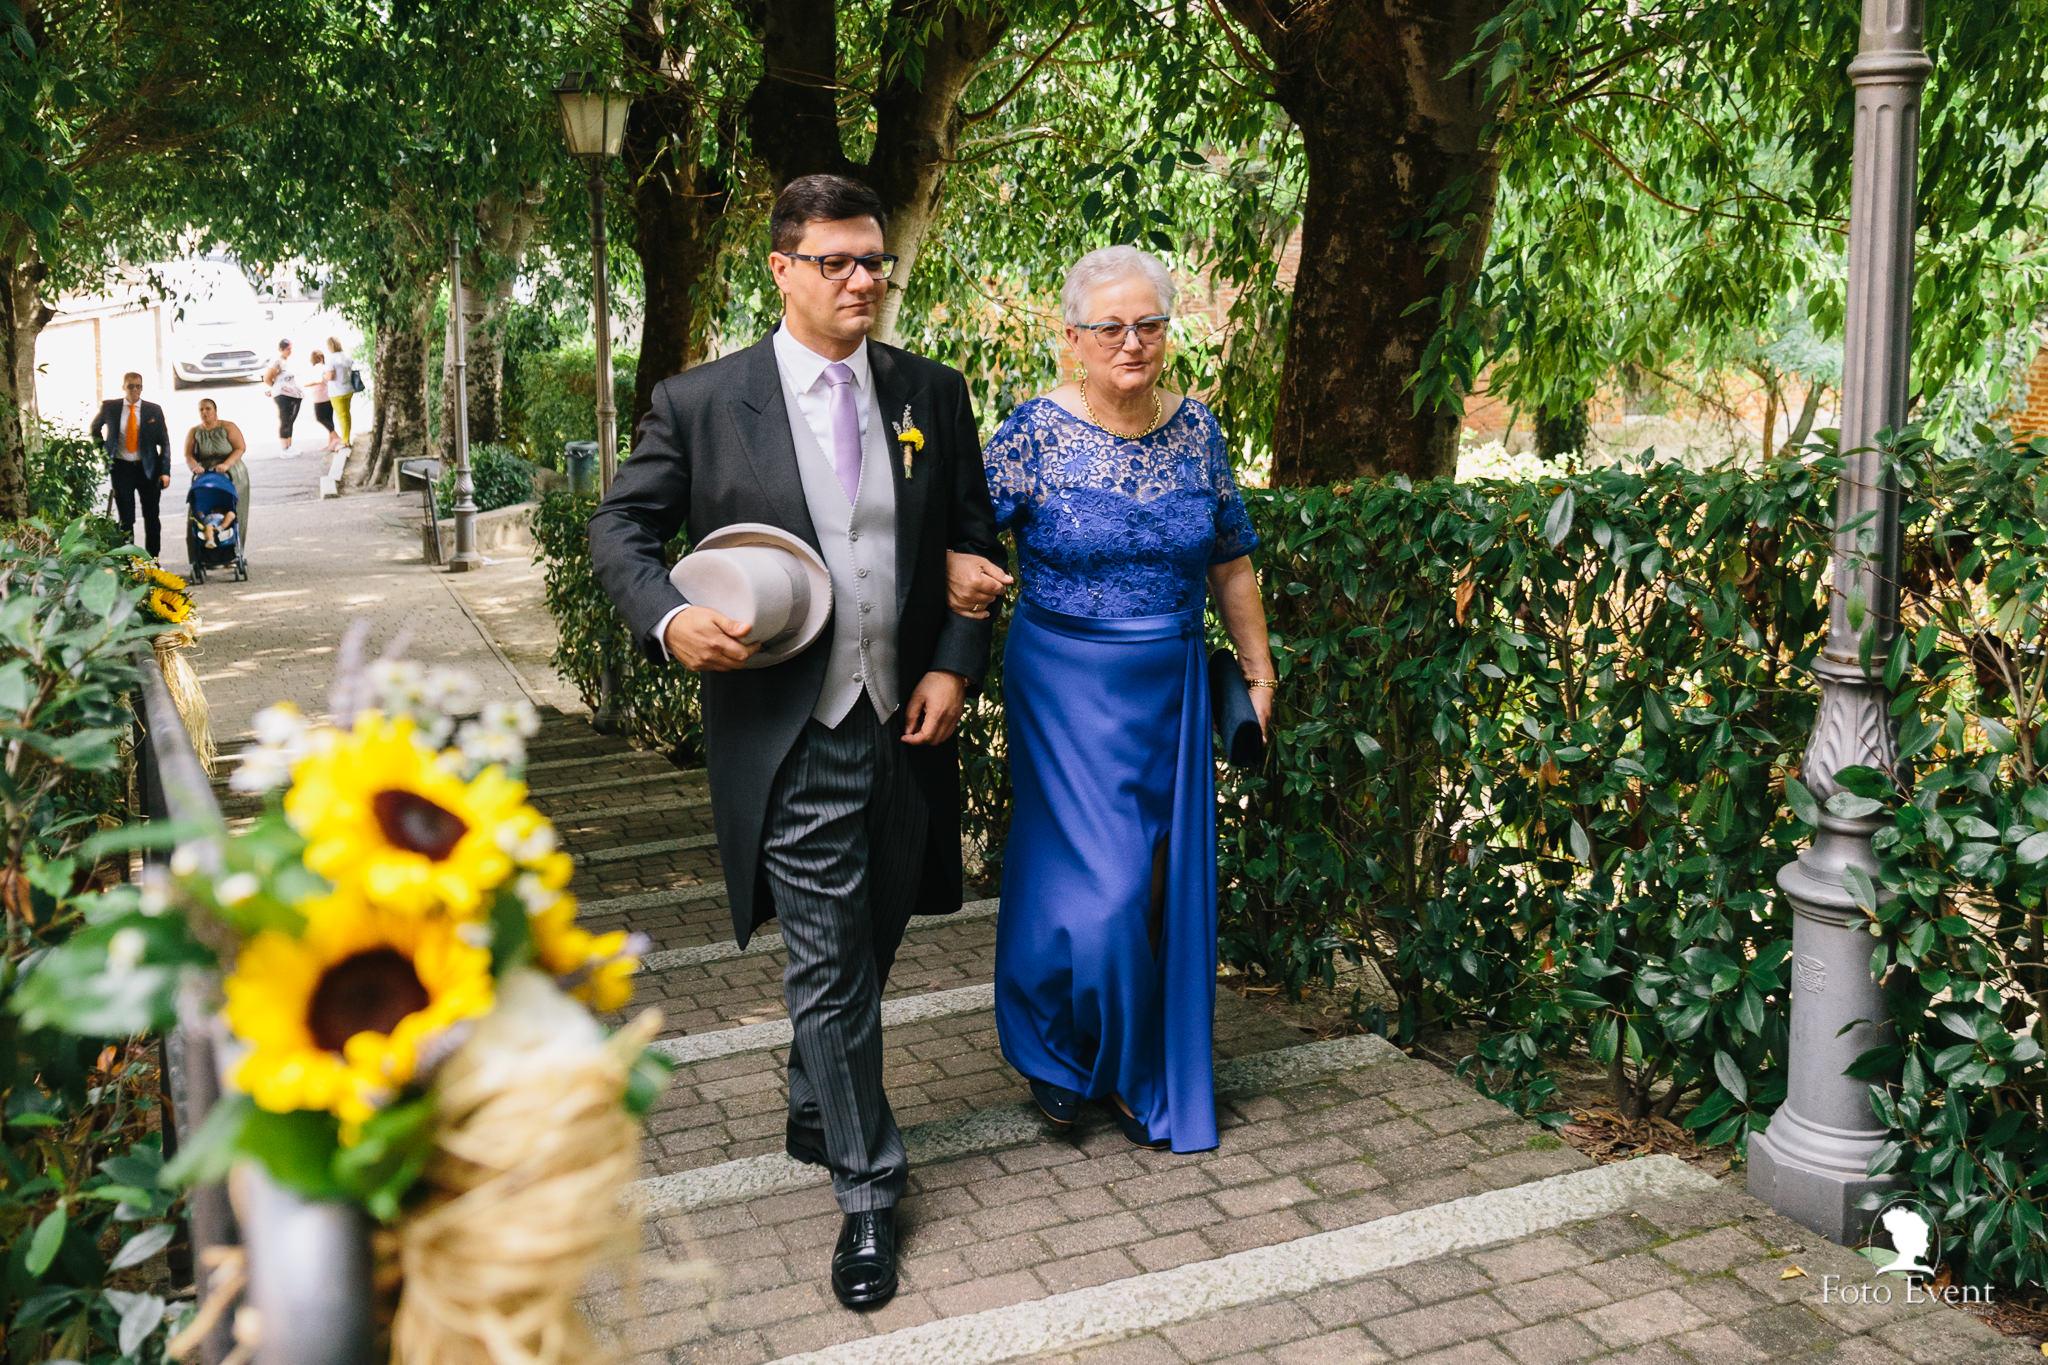 034-2019-07-27-Matrimonio-Valentina-e-Alessandro-Pettinari-5DE-497